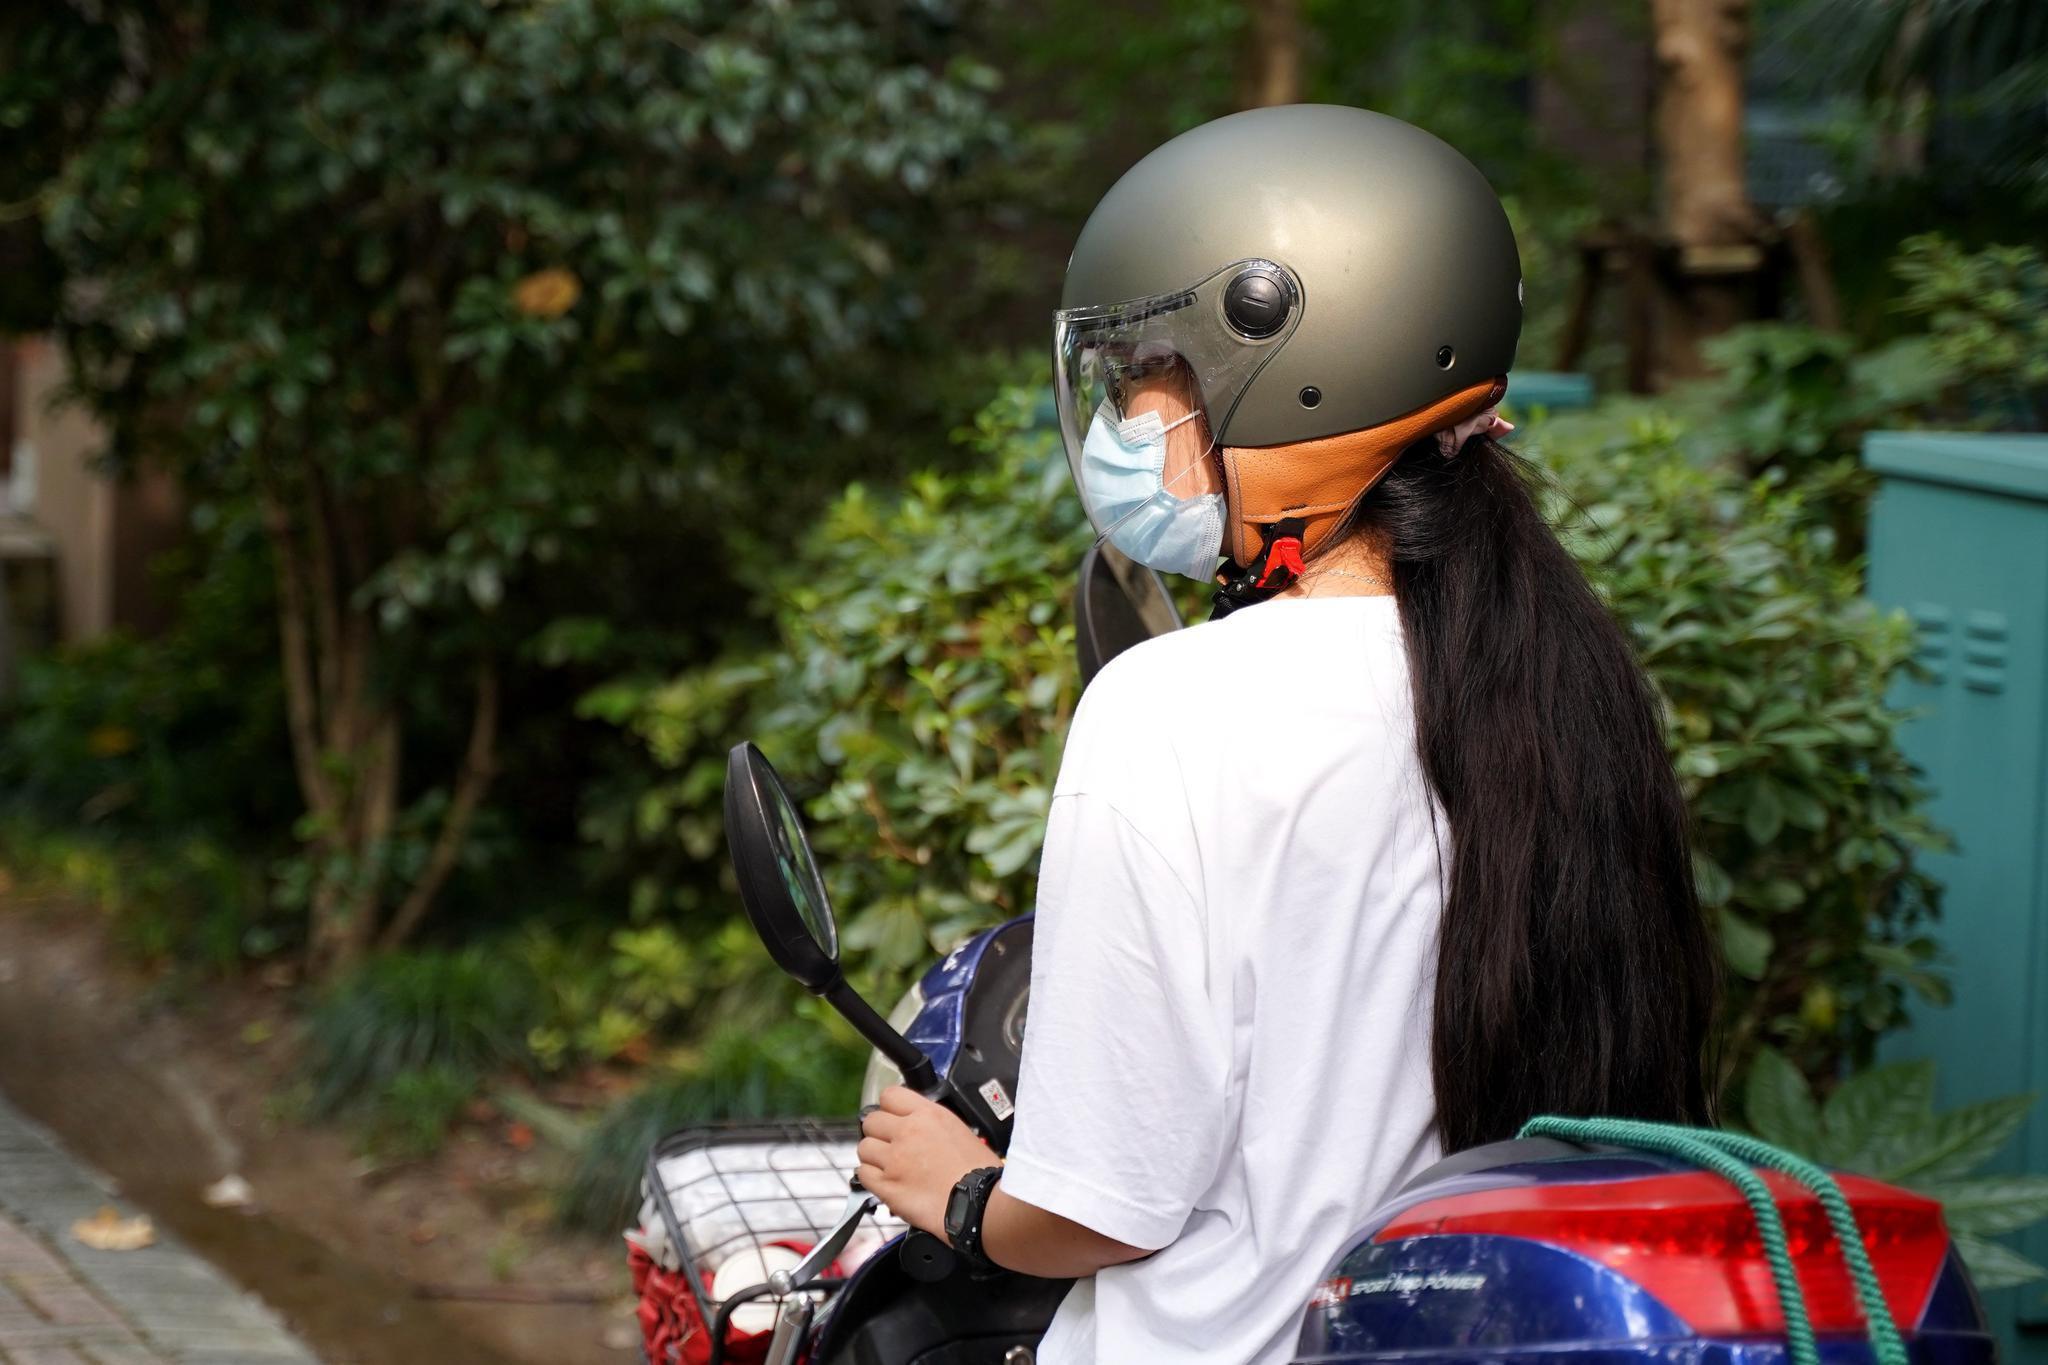 遵纪守法,给自己的小电驴配个漂亮的复古头盔